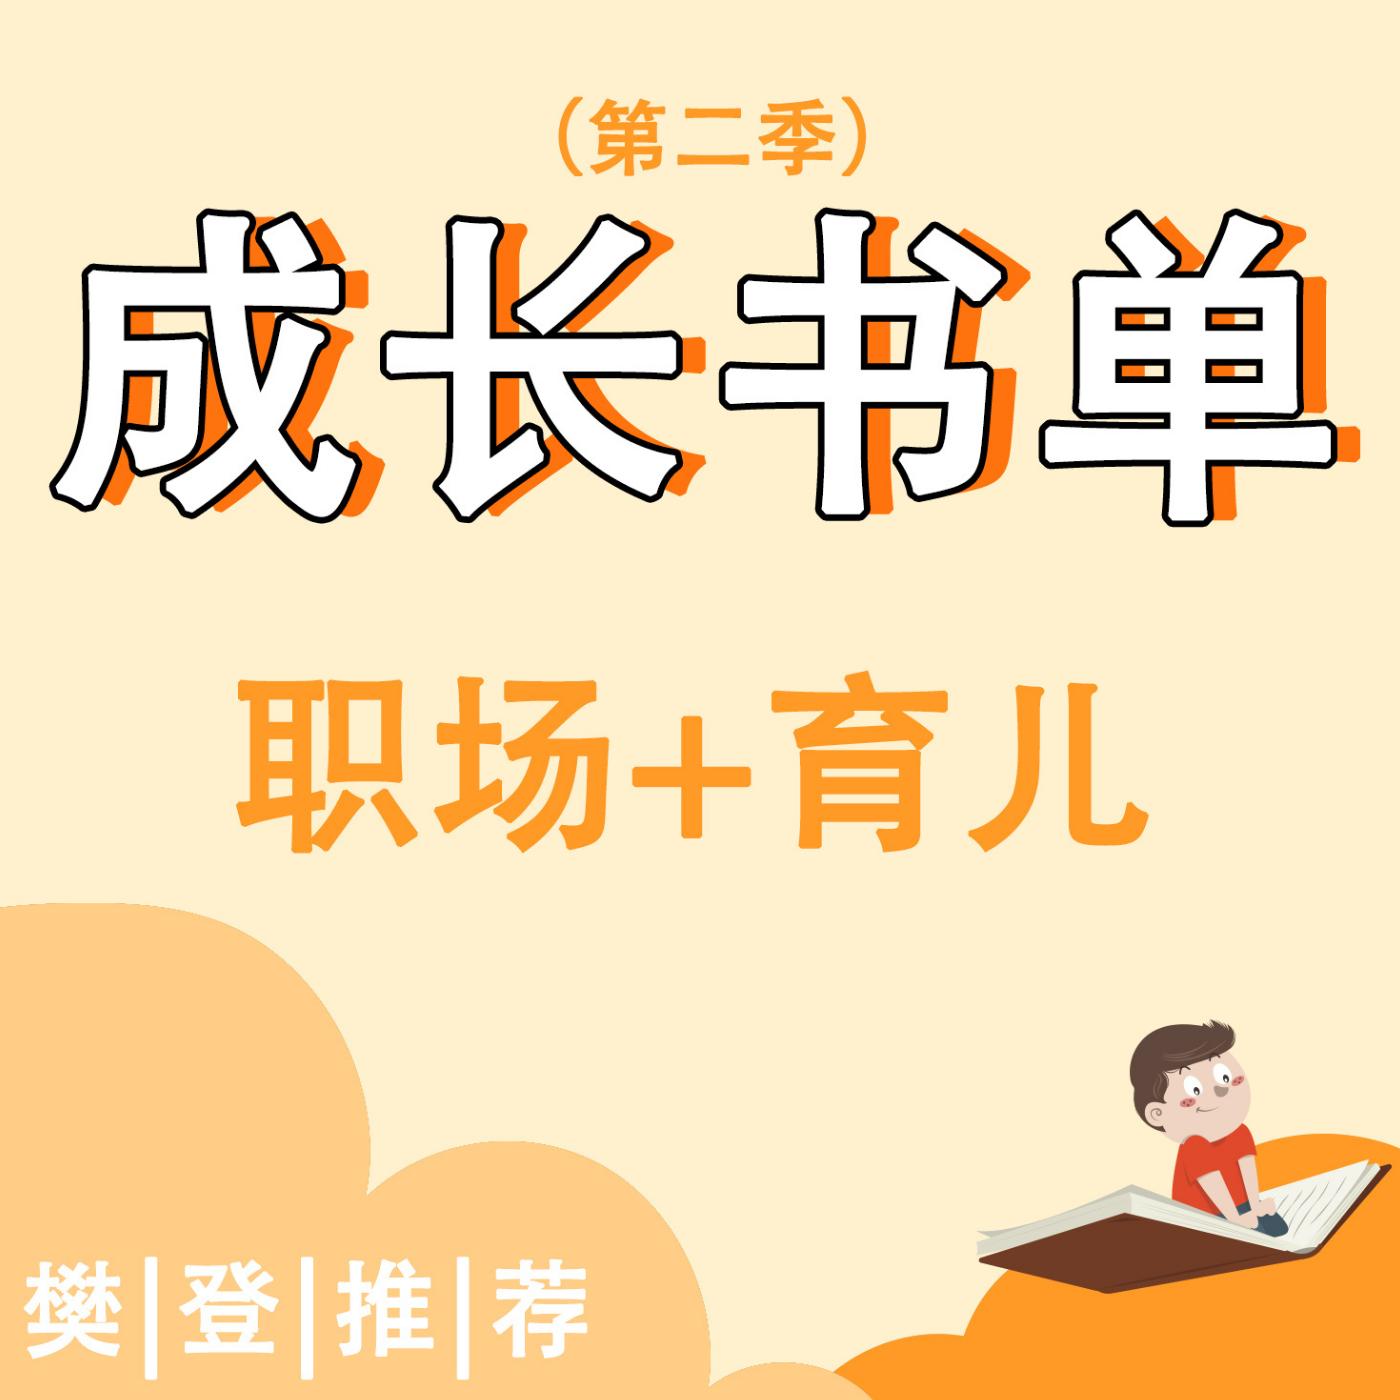 第二季成长书单•职场+育儿|樊登推荐